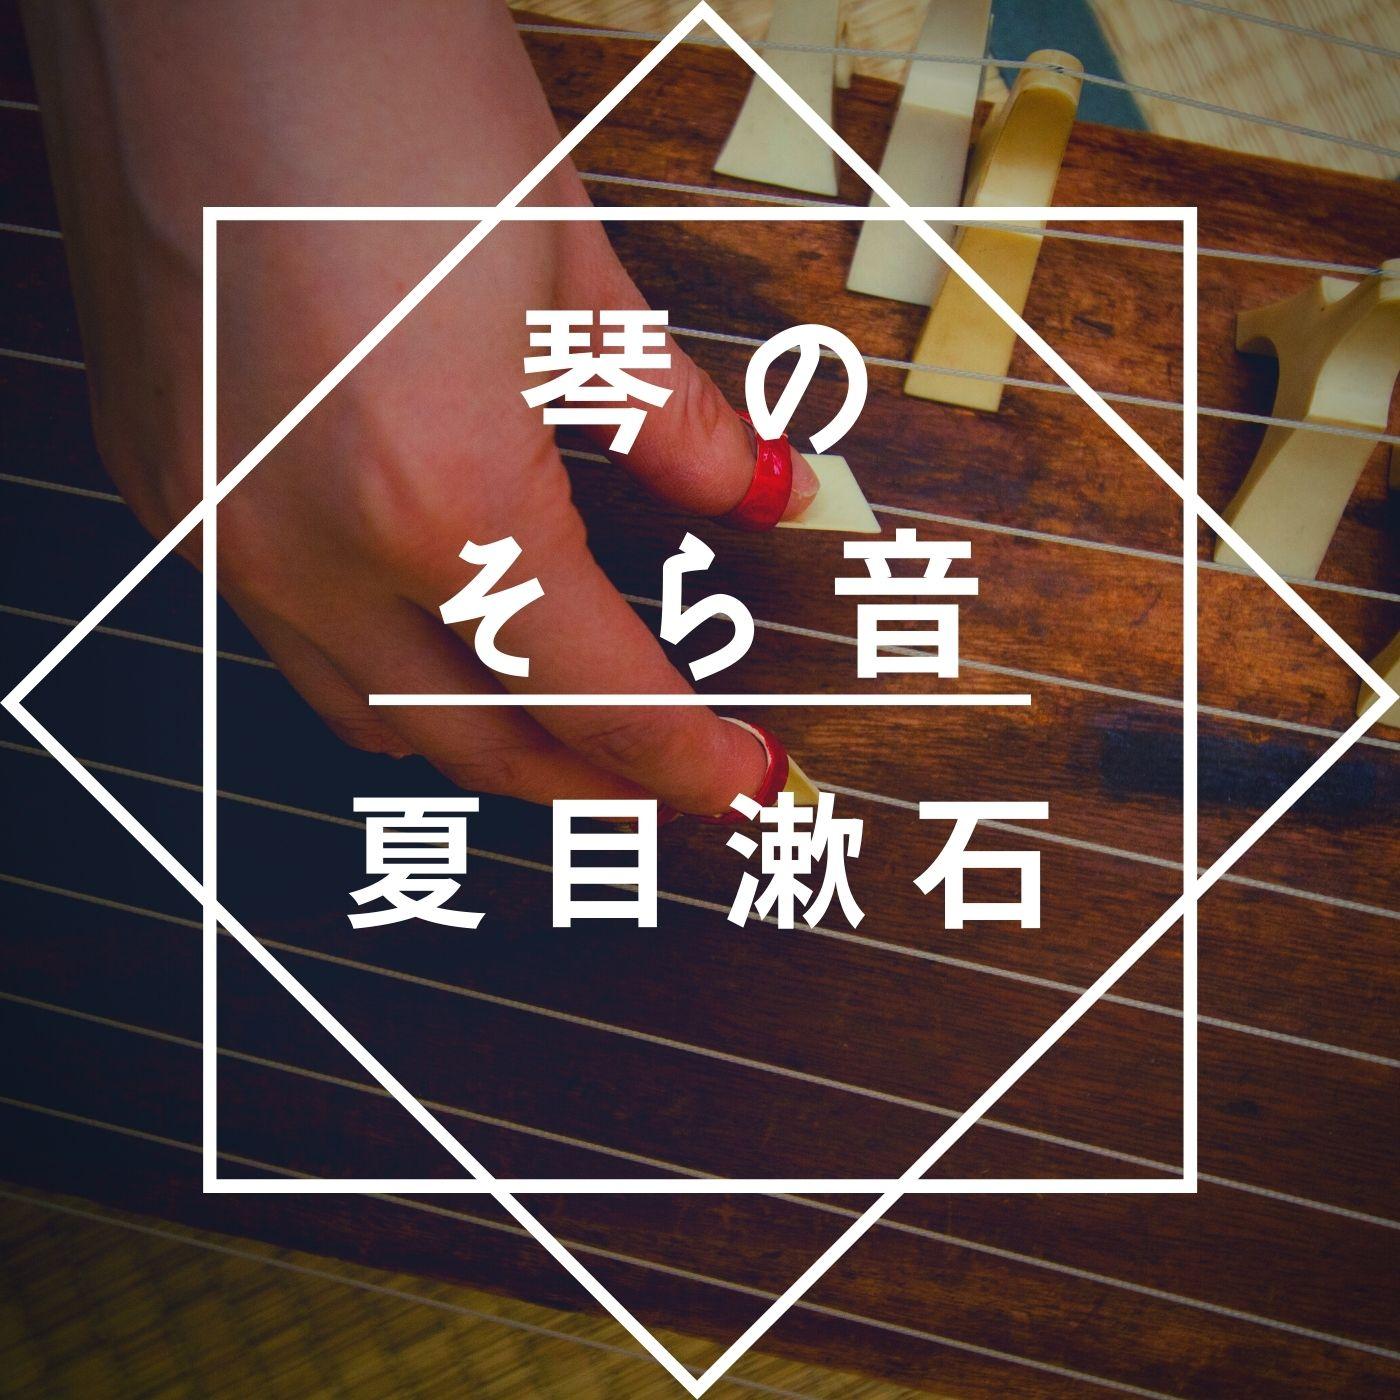 琴のそら音 夏目漱石